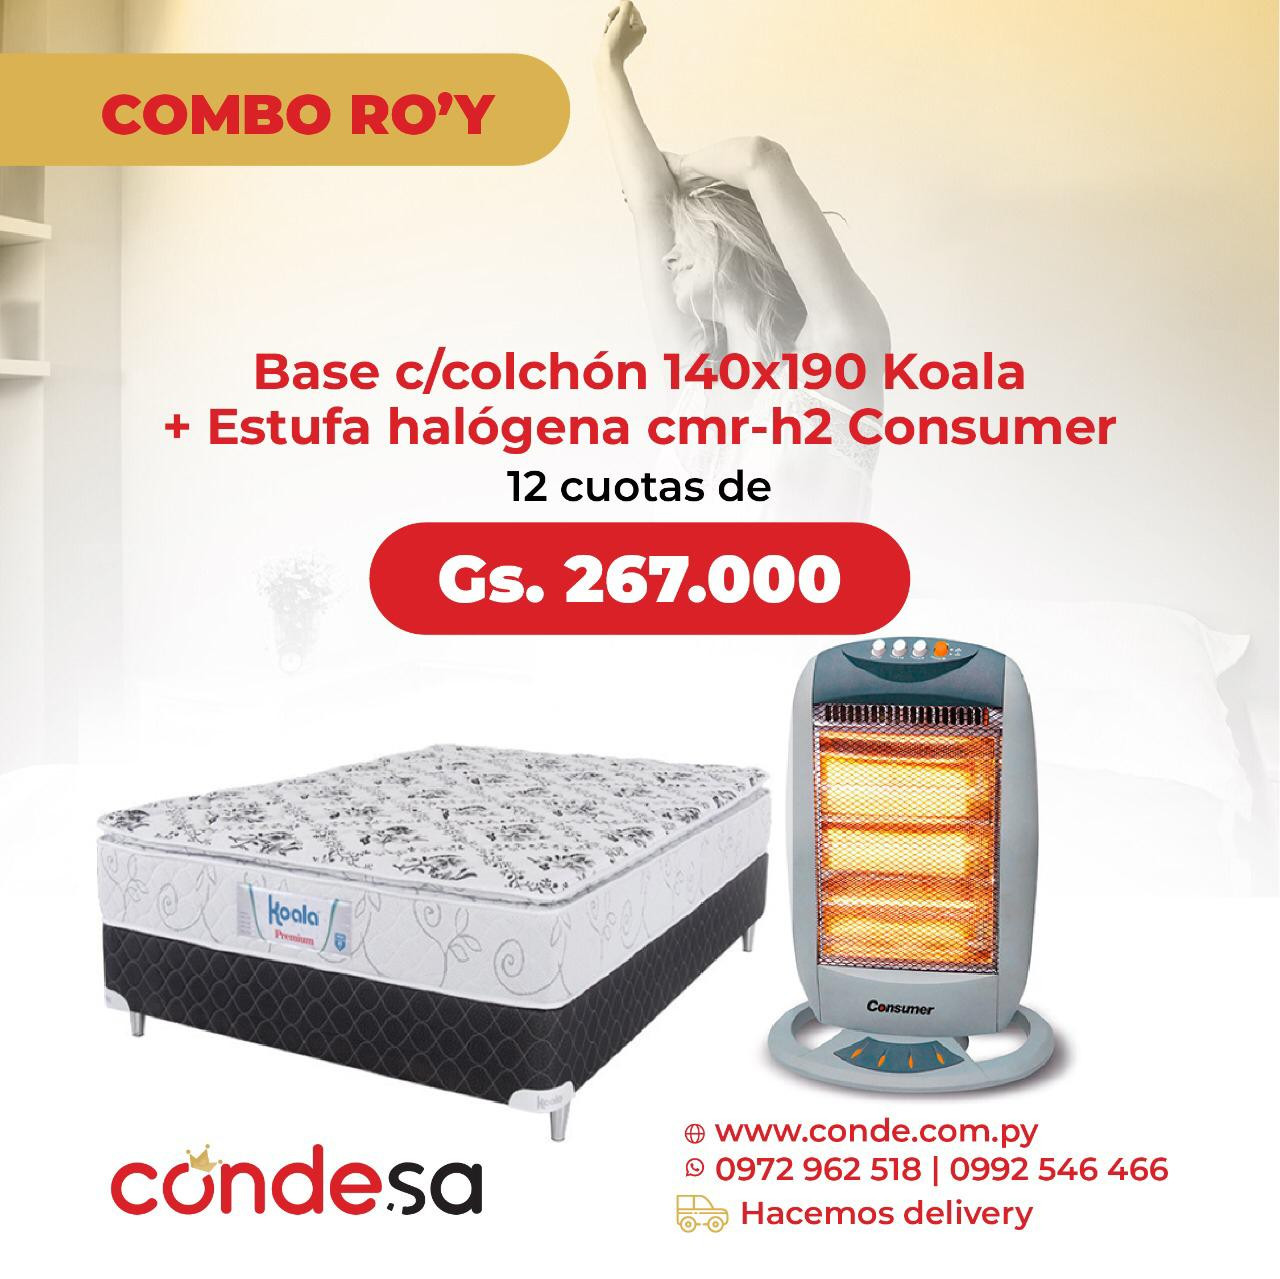 BASE C/ COLCHON 140X190 PT KOALADOR + ESTUFA HALOGENA CONSUMER